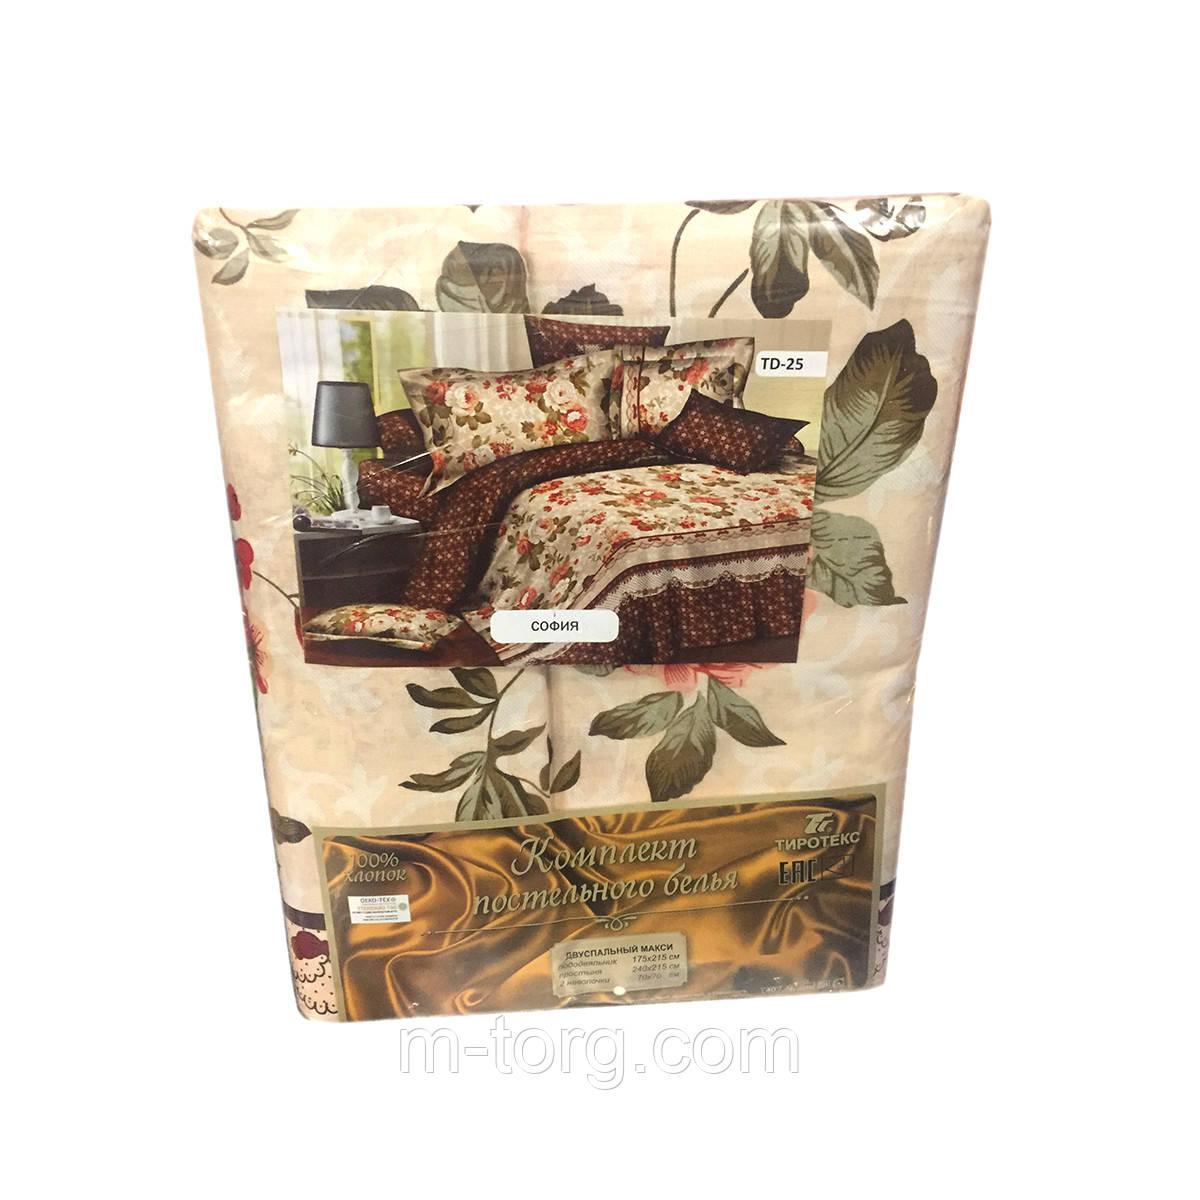 Комплект постельного белья двуспальный макси 178*215 см 100%хлопок Tirоtex Тирасполь